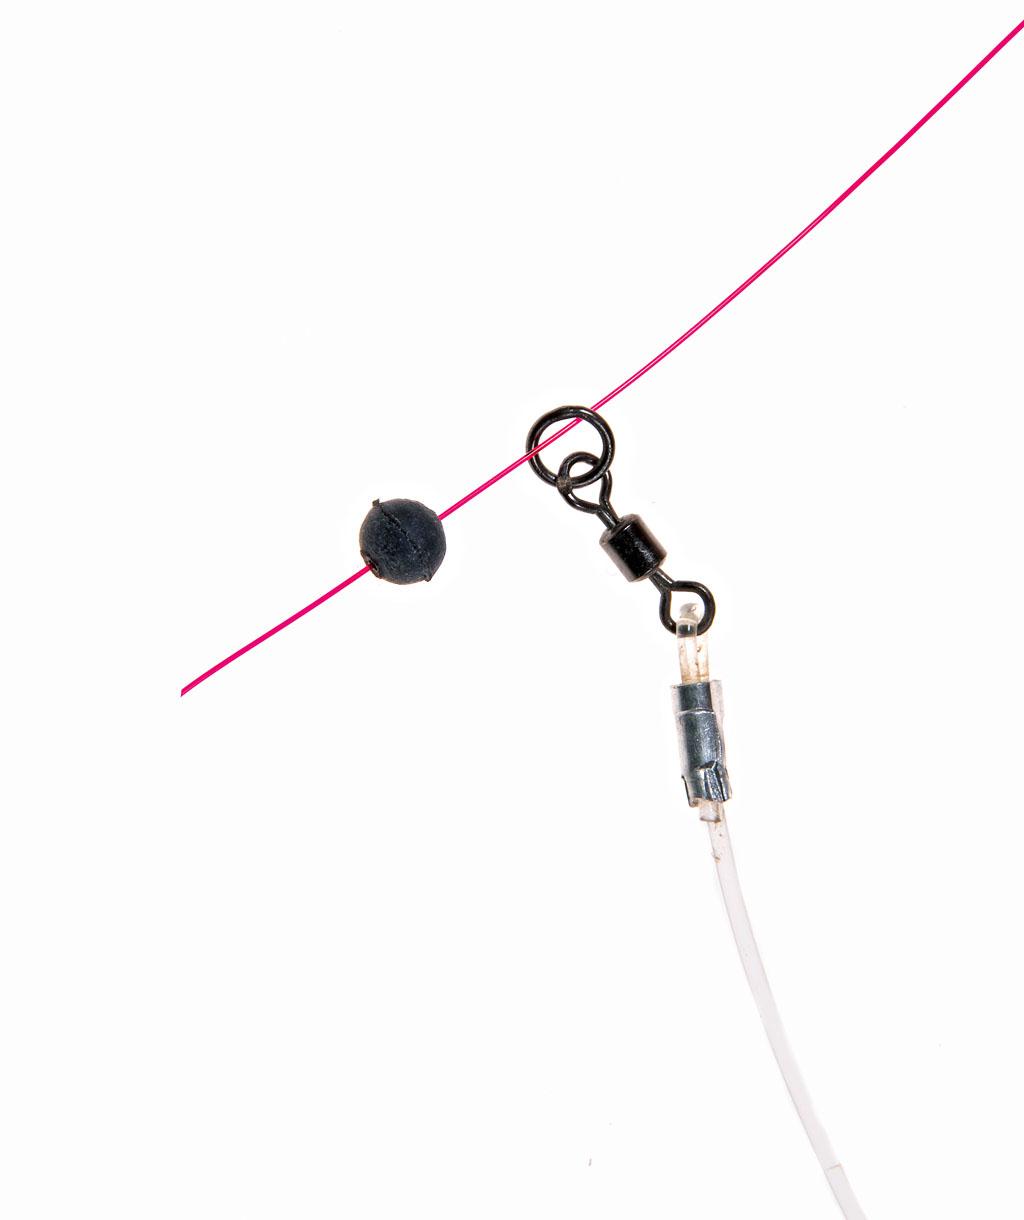 Jetzt folgt der Zusammenbau der Einzelteile. Im ersten Schritt wird der Seitenarm und die Gummiperle auf die Hauptschnur aufgefädelt. BLINKER: W. Krause